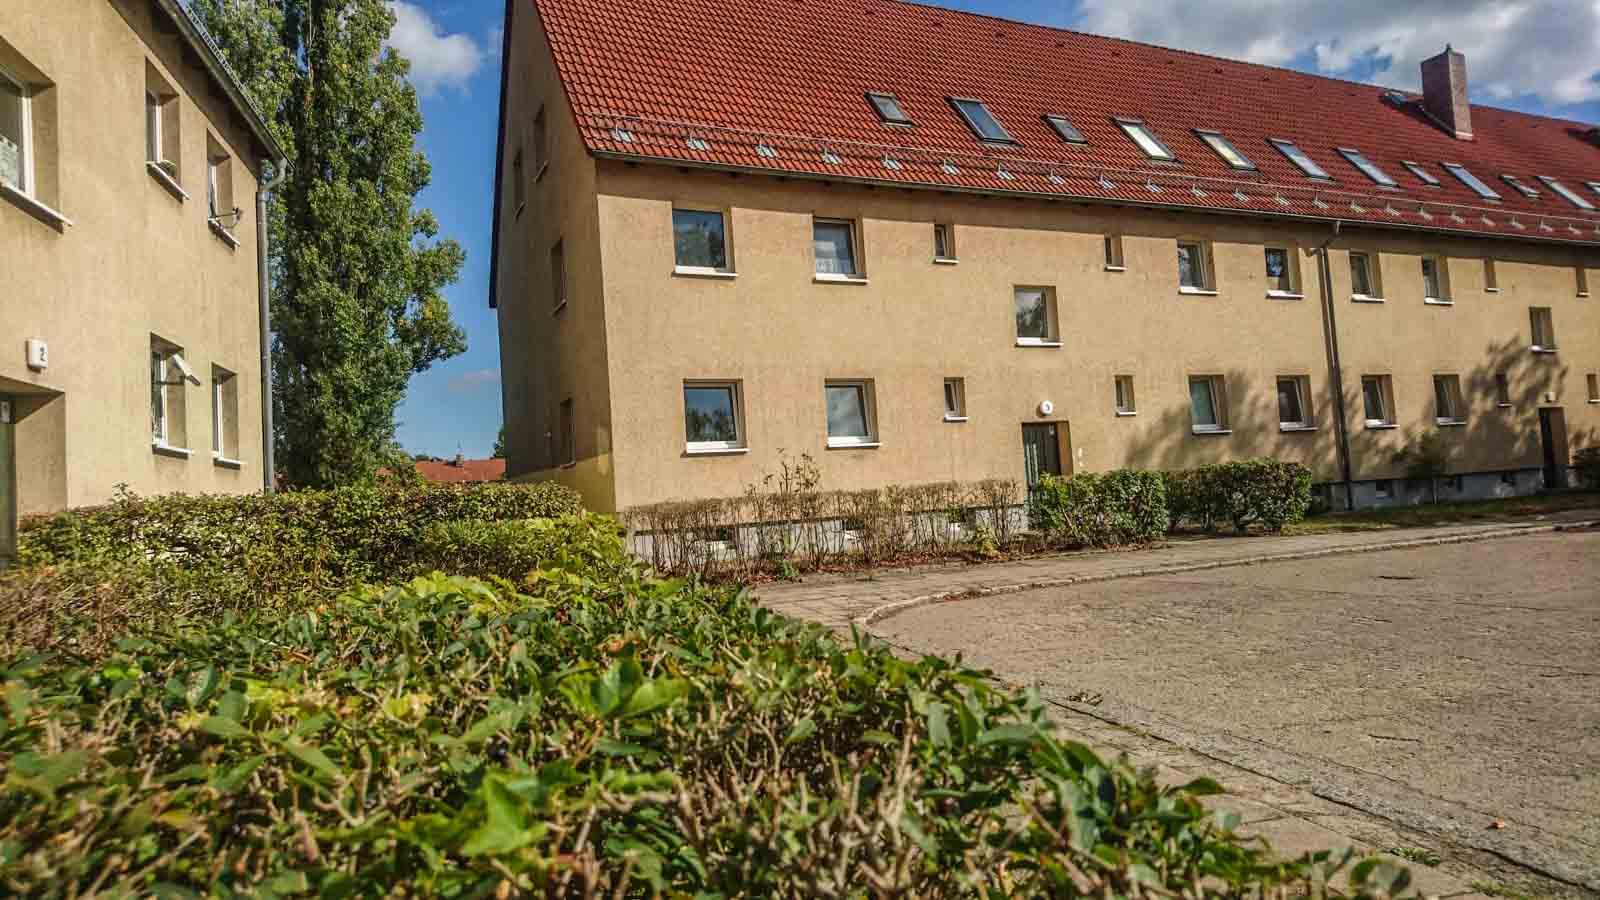 Wohngebäude Speziallager Nr.5 Ketschendorf Fürstenwalde